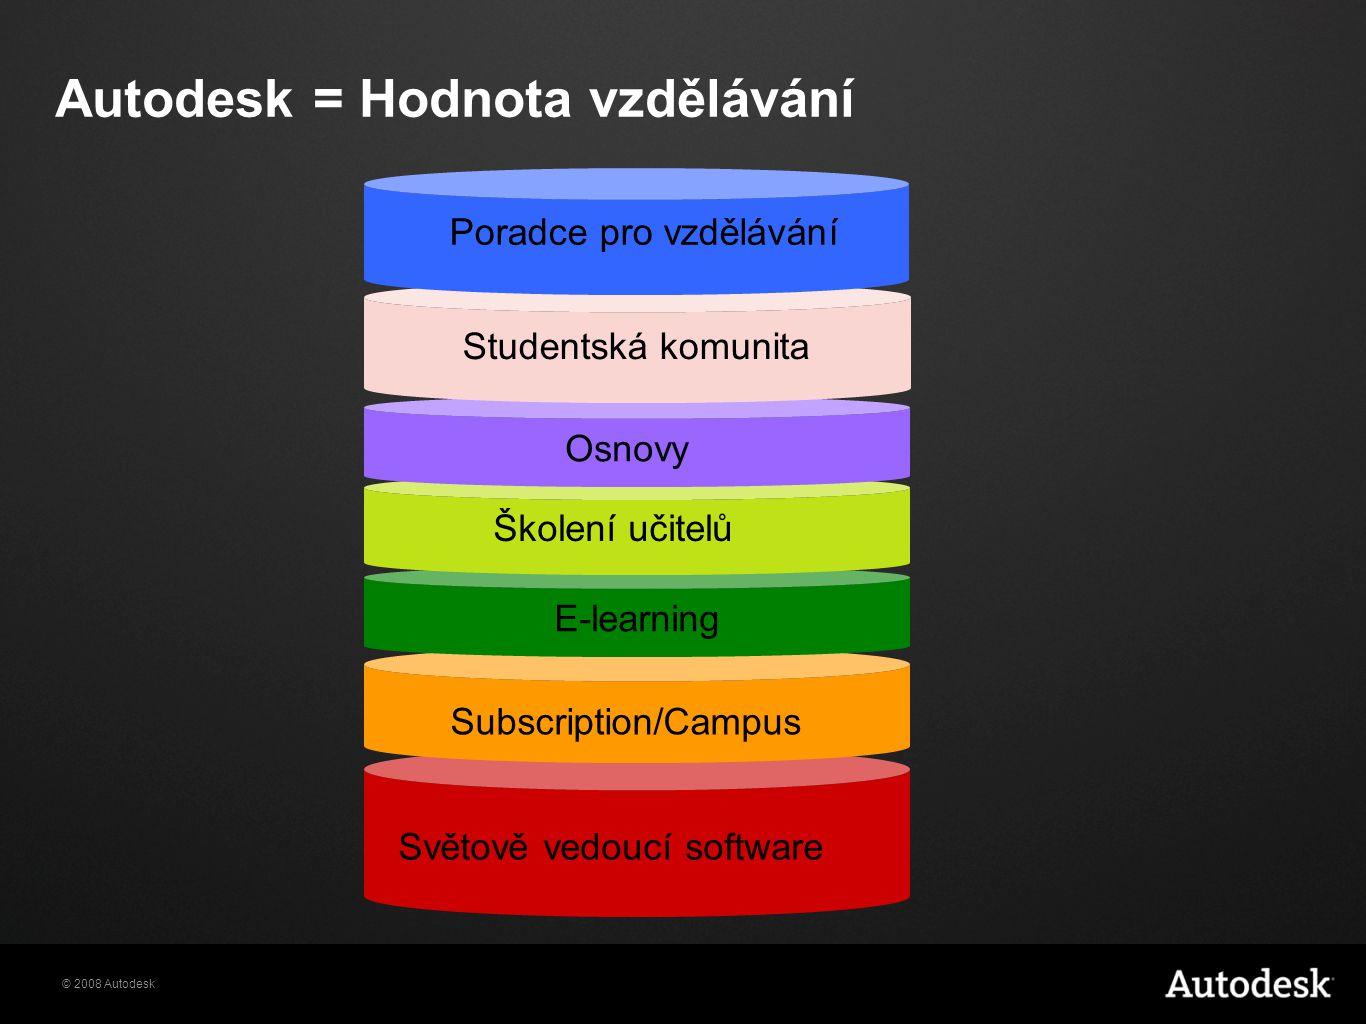 © 2008 Autodesk Autodesk = Hodnota vzdělávání E-learning Světově vedoucí software Subscription/Campus Školení učitelů Osnovy Studentská komunita Poradce pro vzdělávání